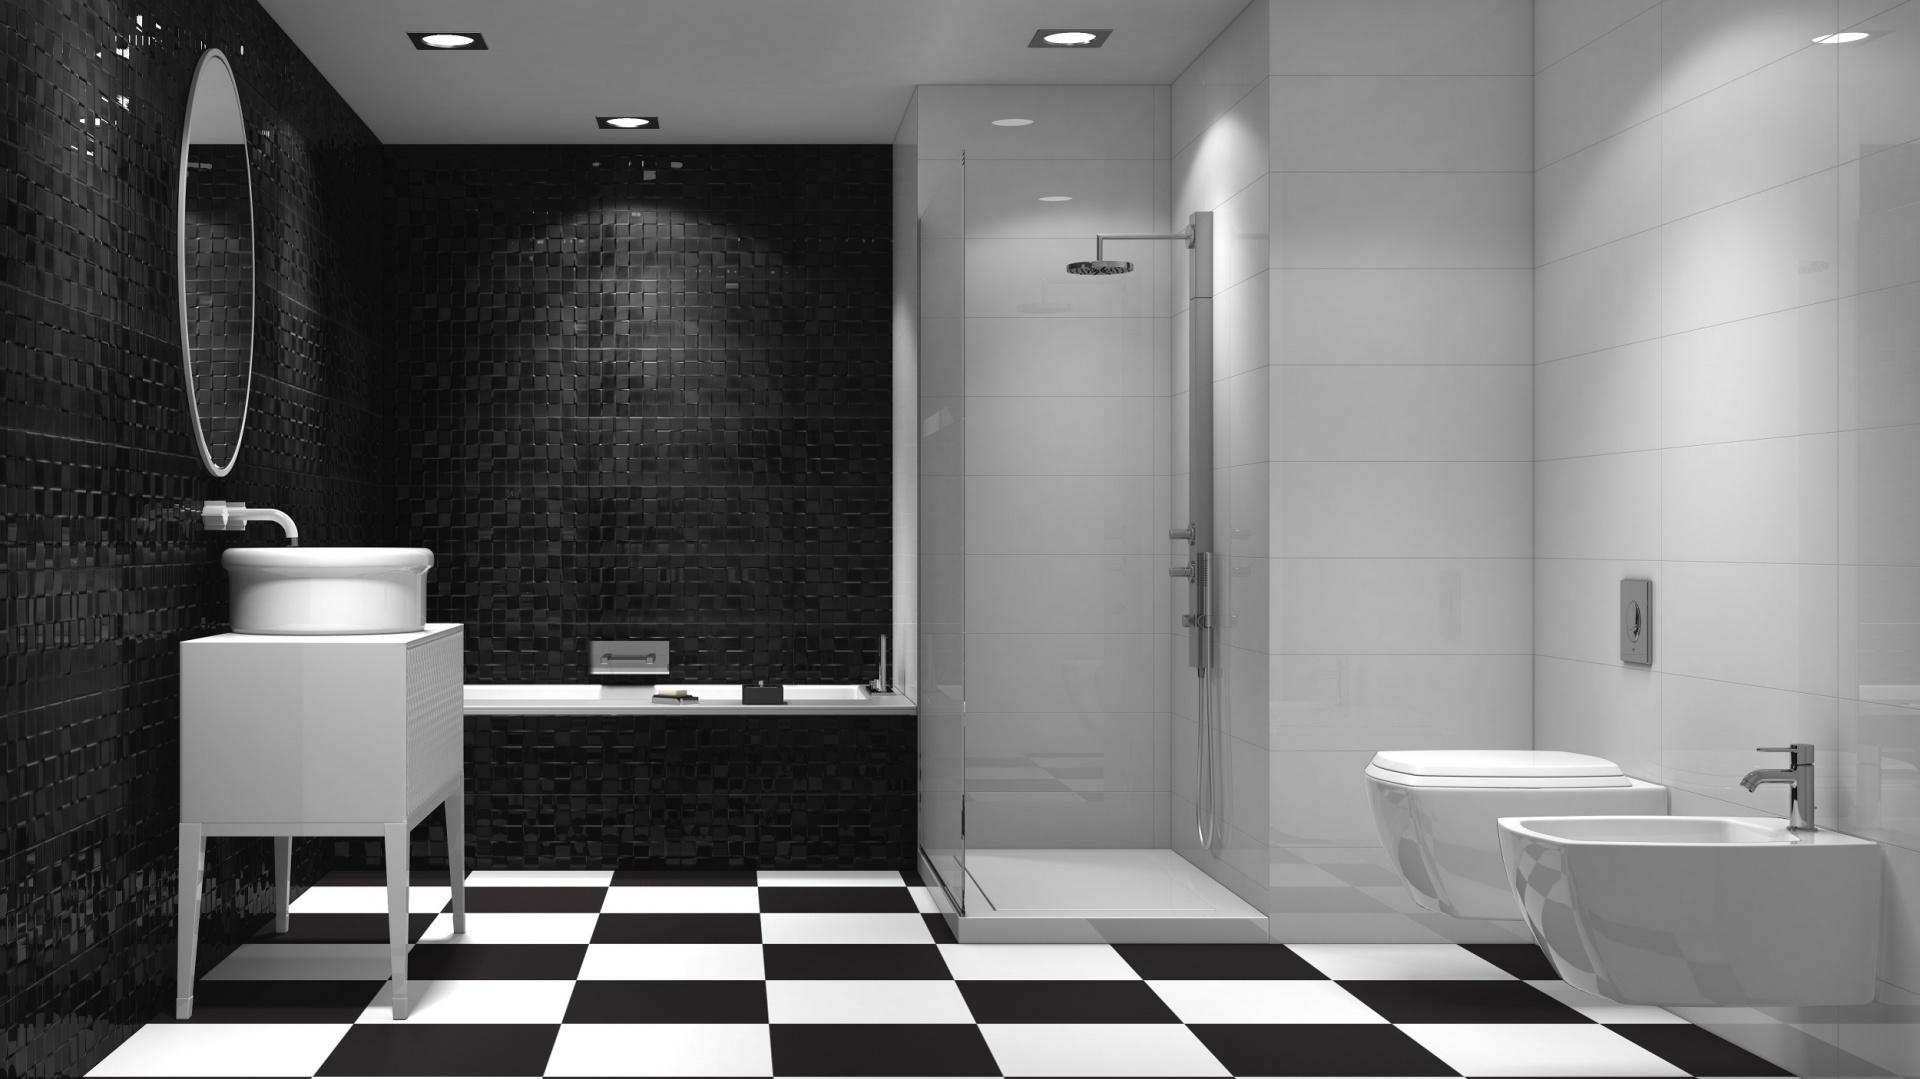 Część ścian białych, część...  Biało-czarna łazienka. 15 najpiękniejszych płytek ceramicznych ...